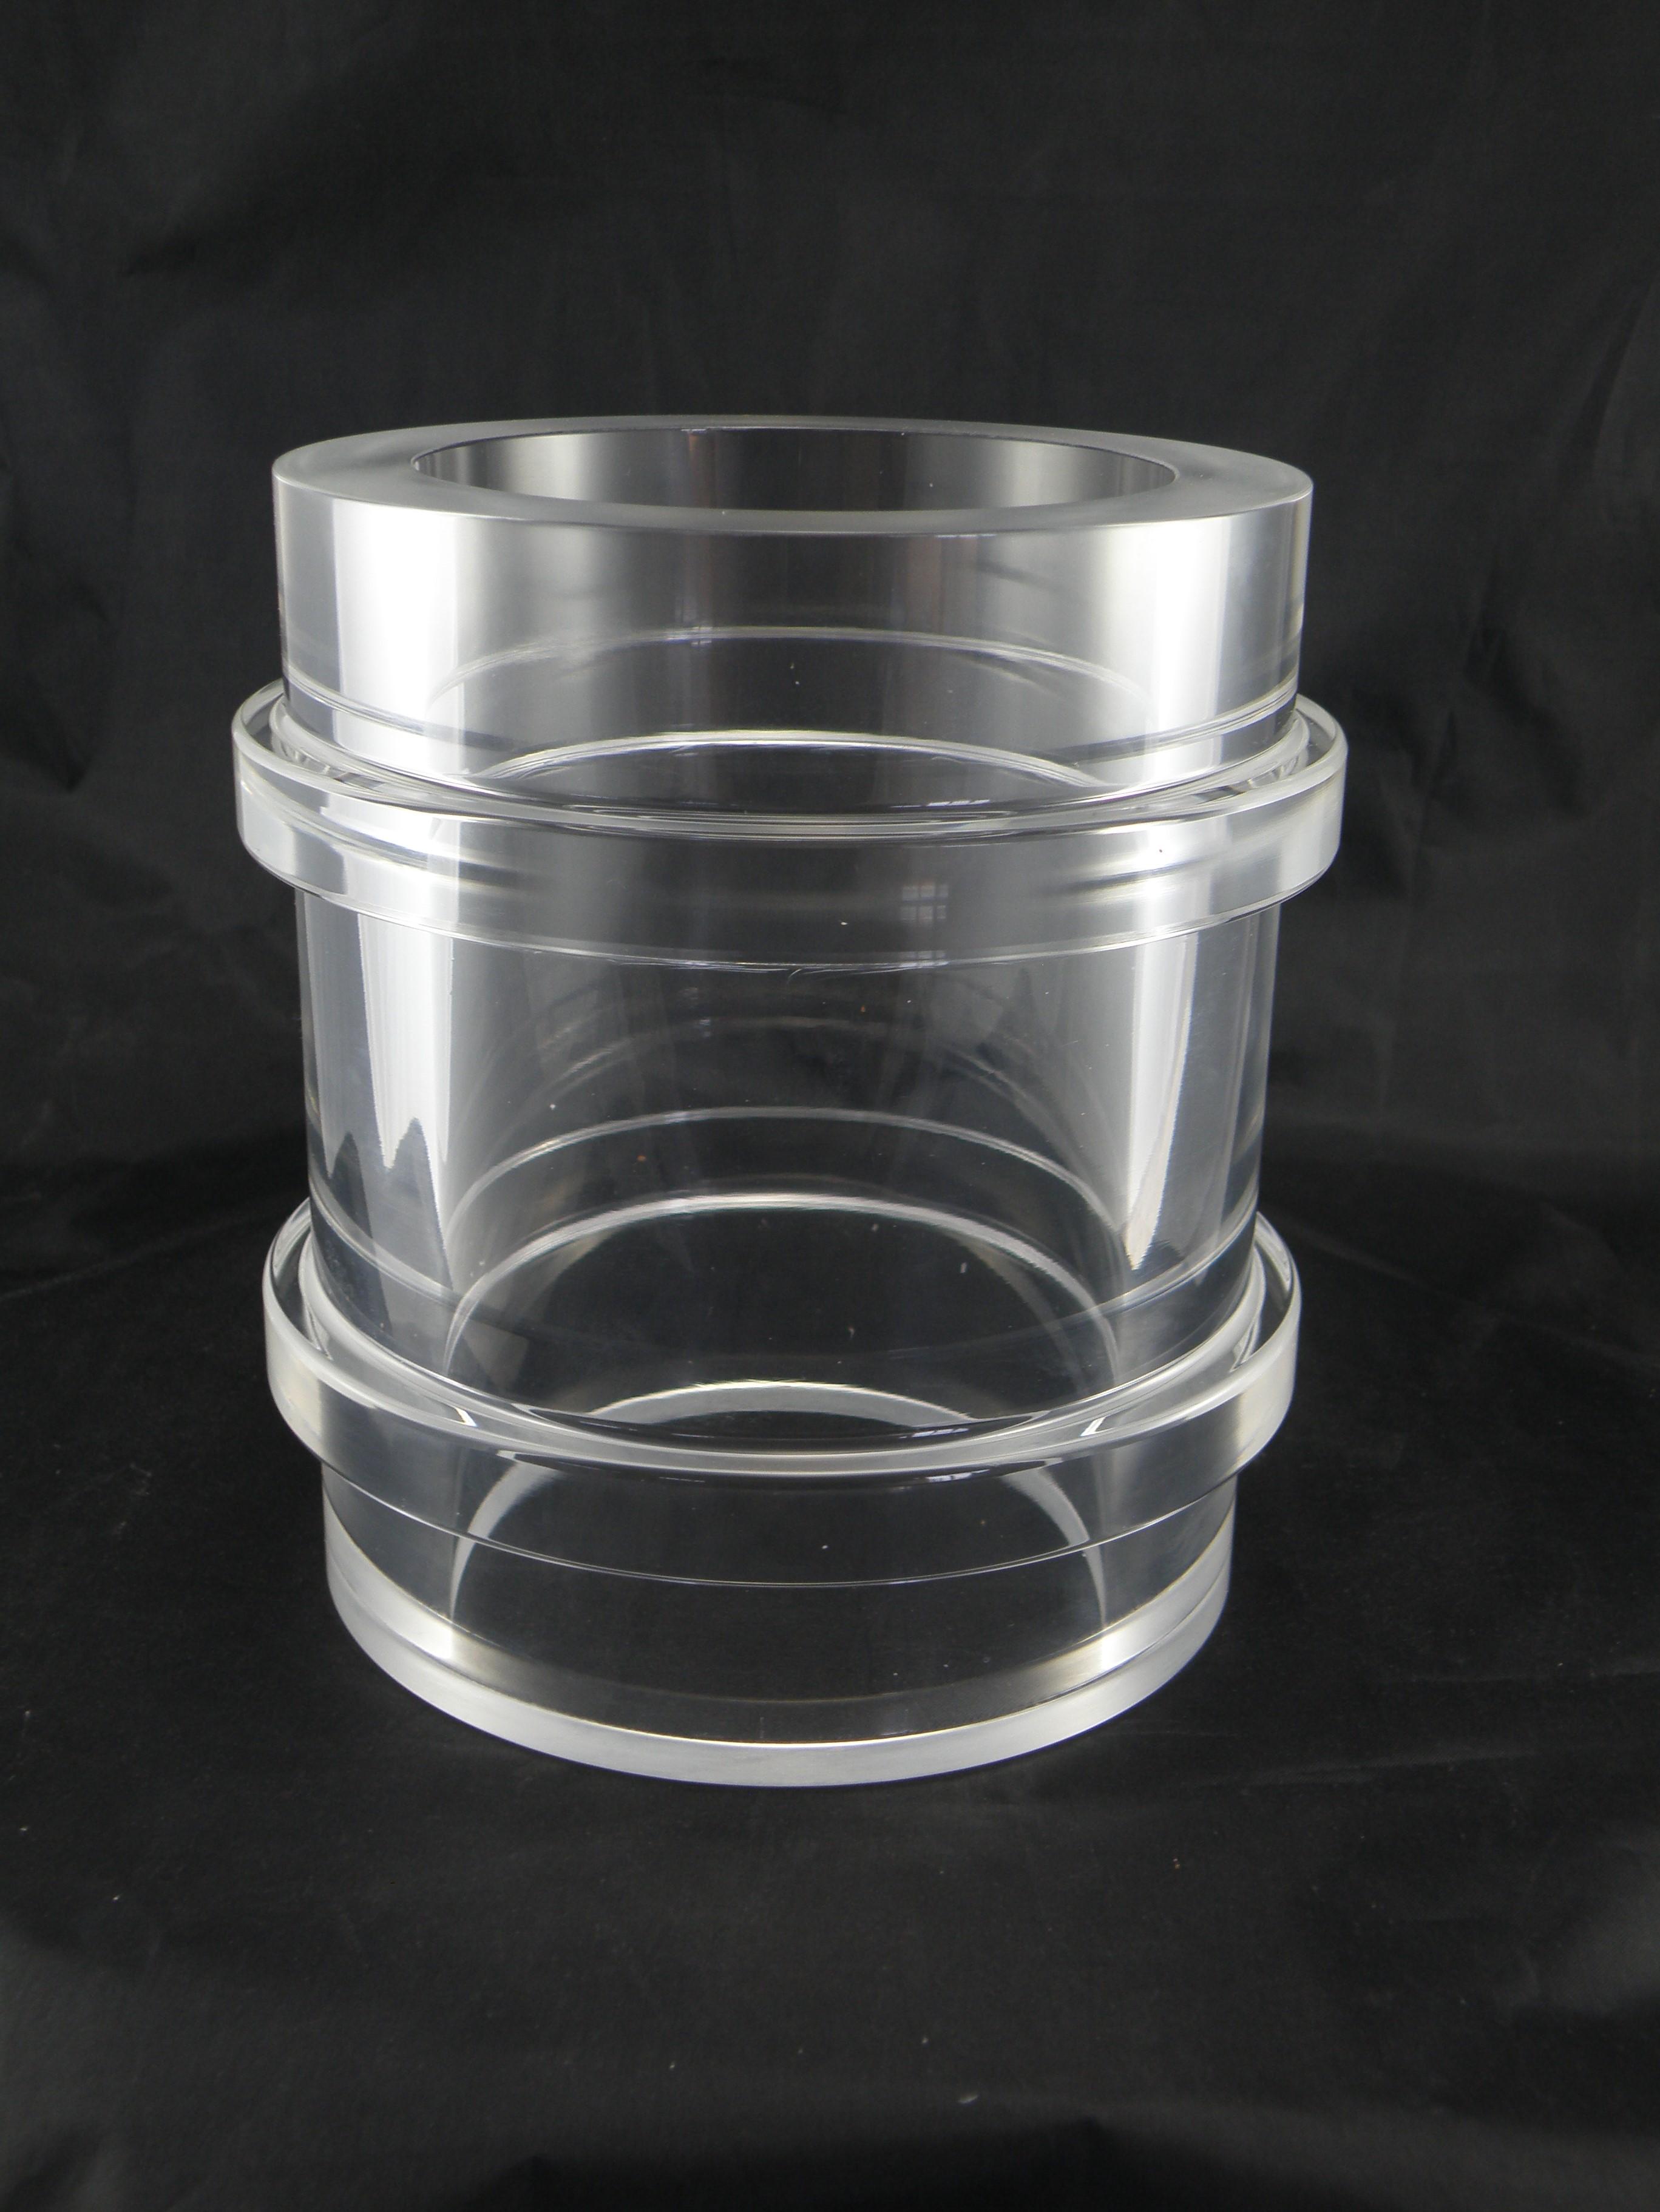 acrylic tube manufacturer